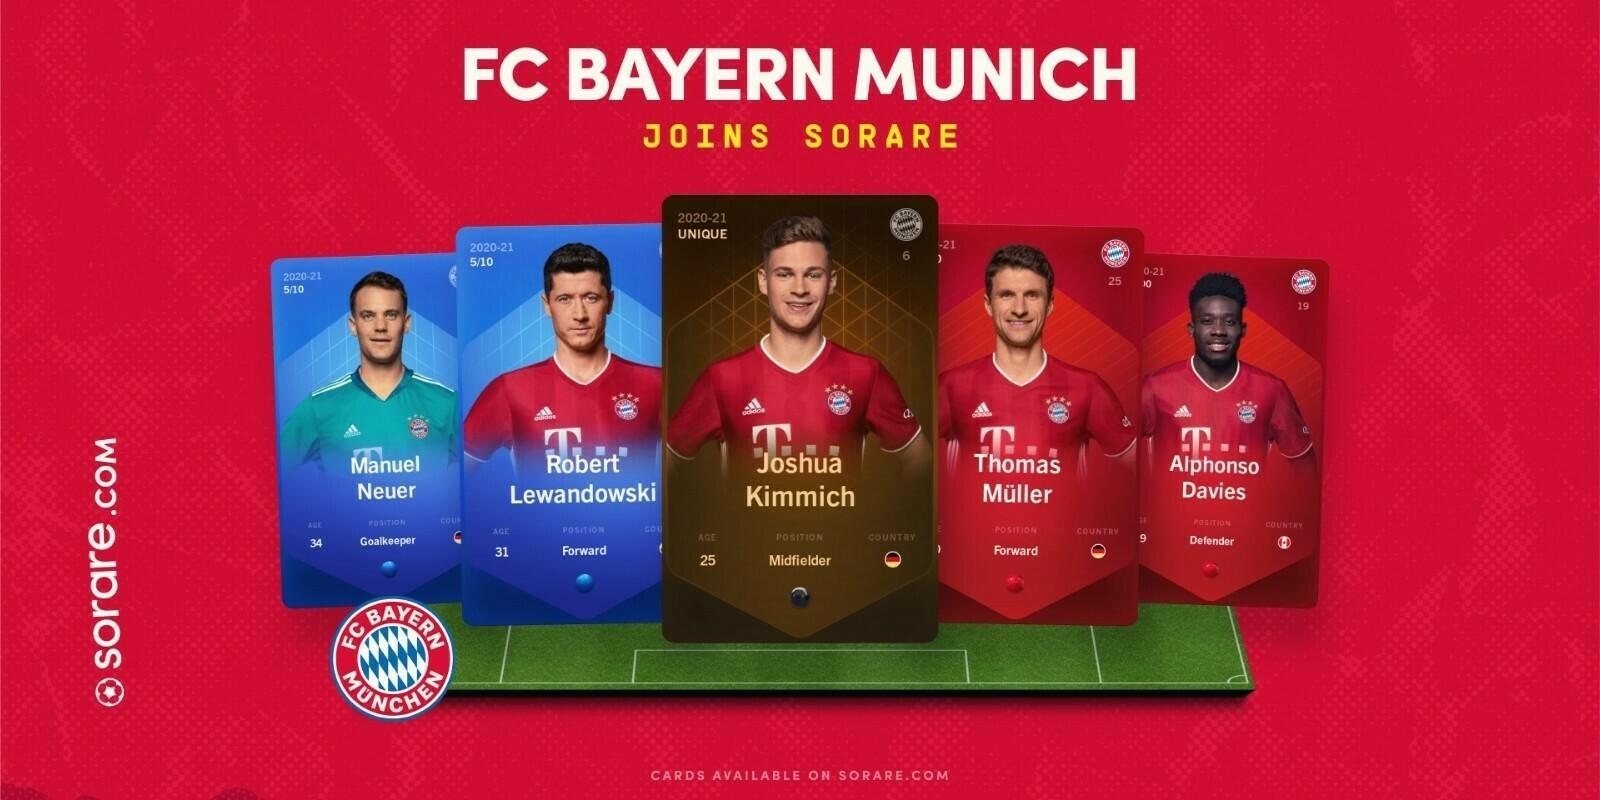 Le Bayern de Munich arrive sur la blockchain avec le jeu Sorare